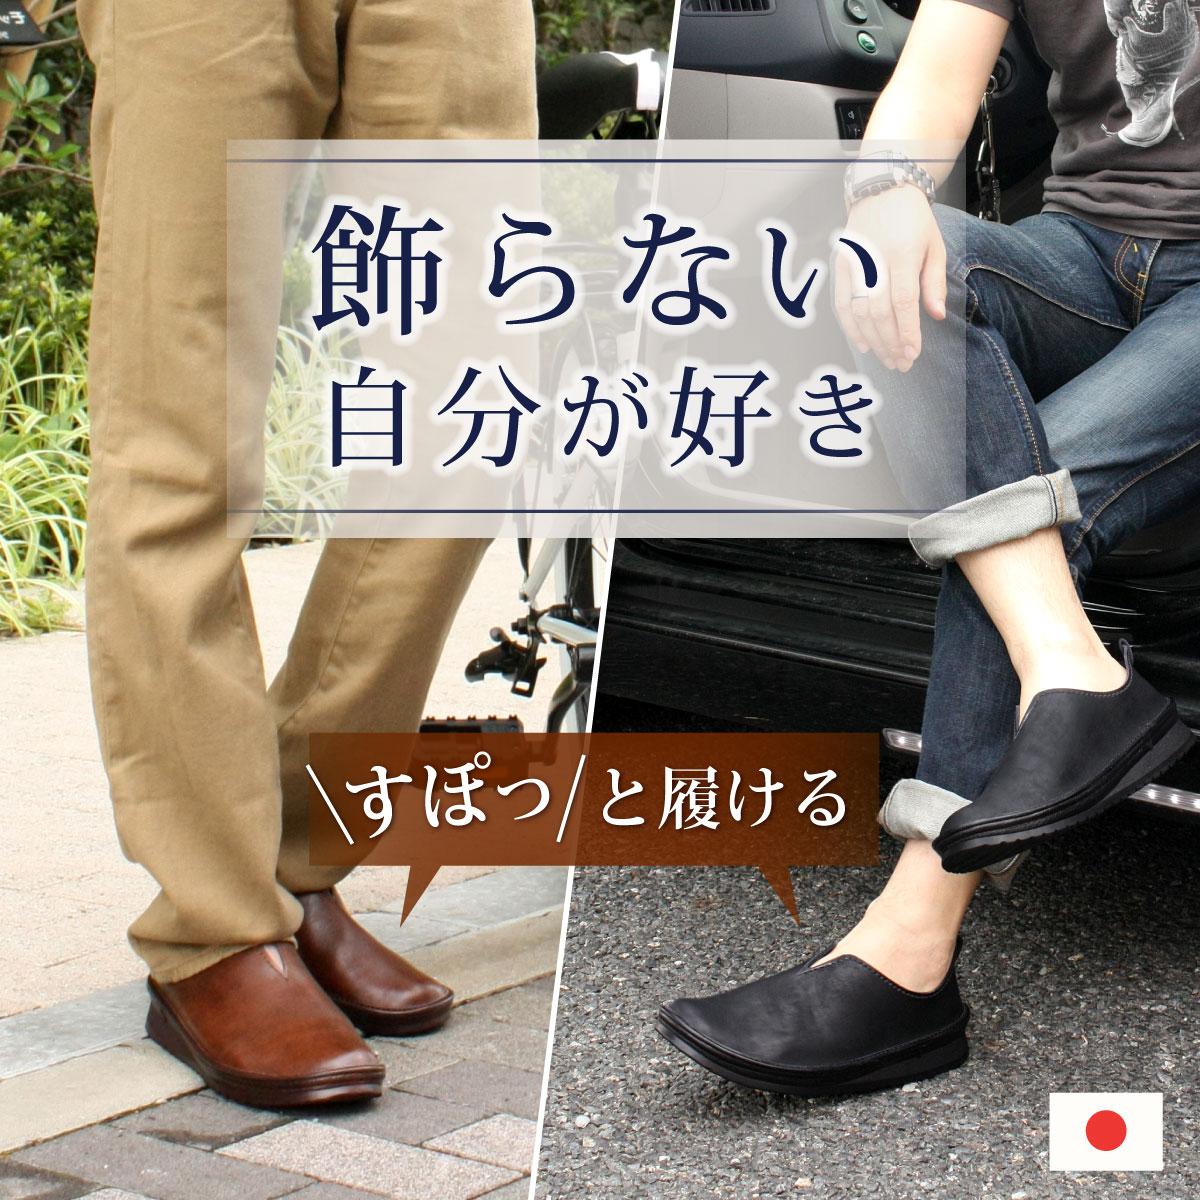 VIVIO★メンズVカットスリッポンオリジナルのコンフォートインソール入り!ソフトな国産素材で靴擦れしない♪ ヴィヴィオ【〇】